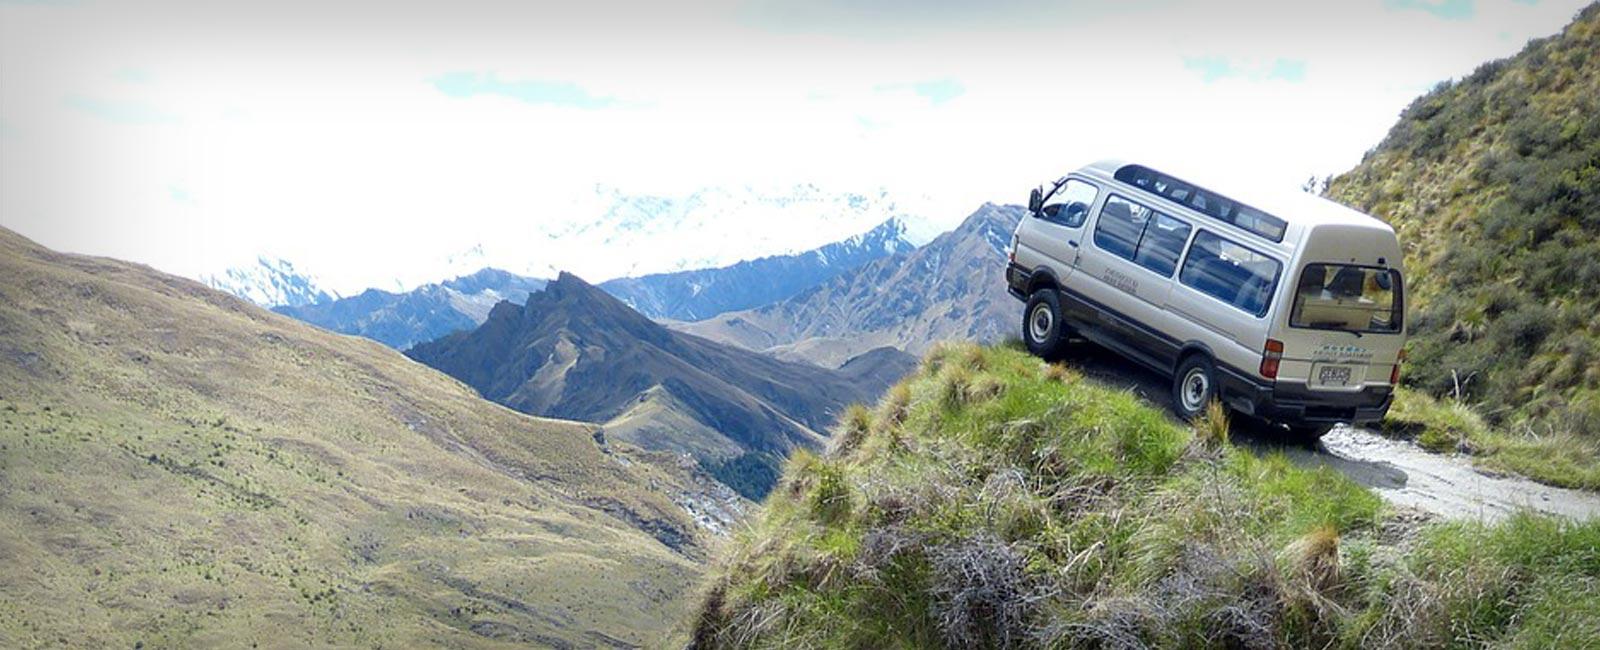 Auto mieten oder kaufen in Neuseeland?